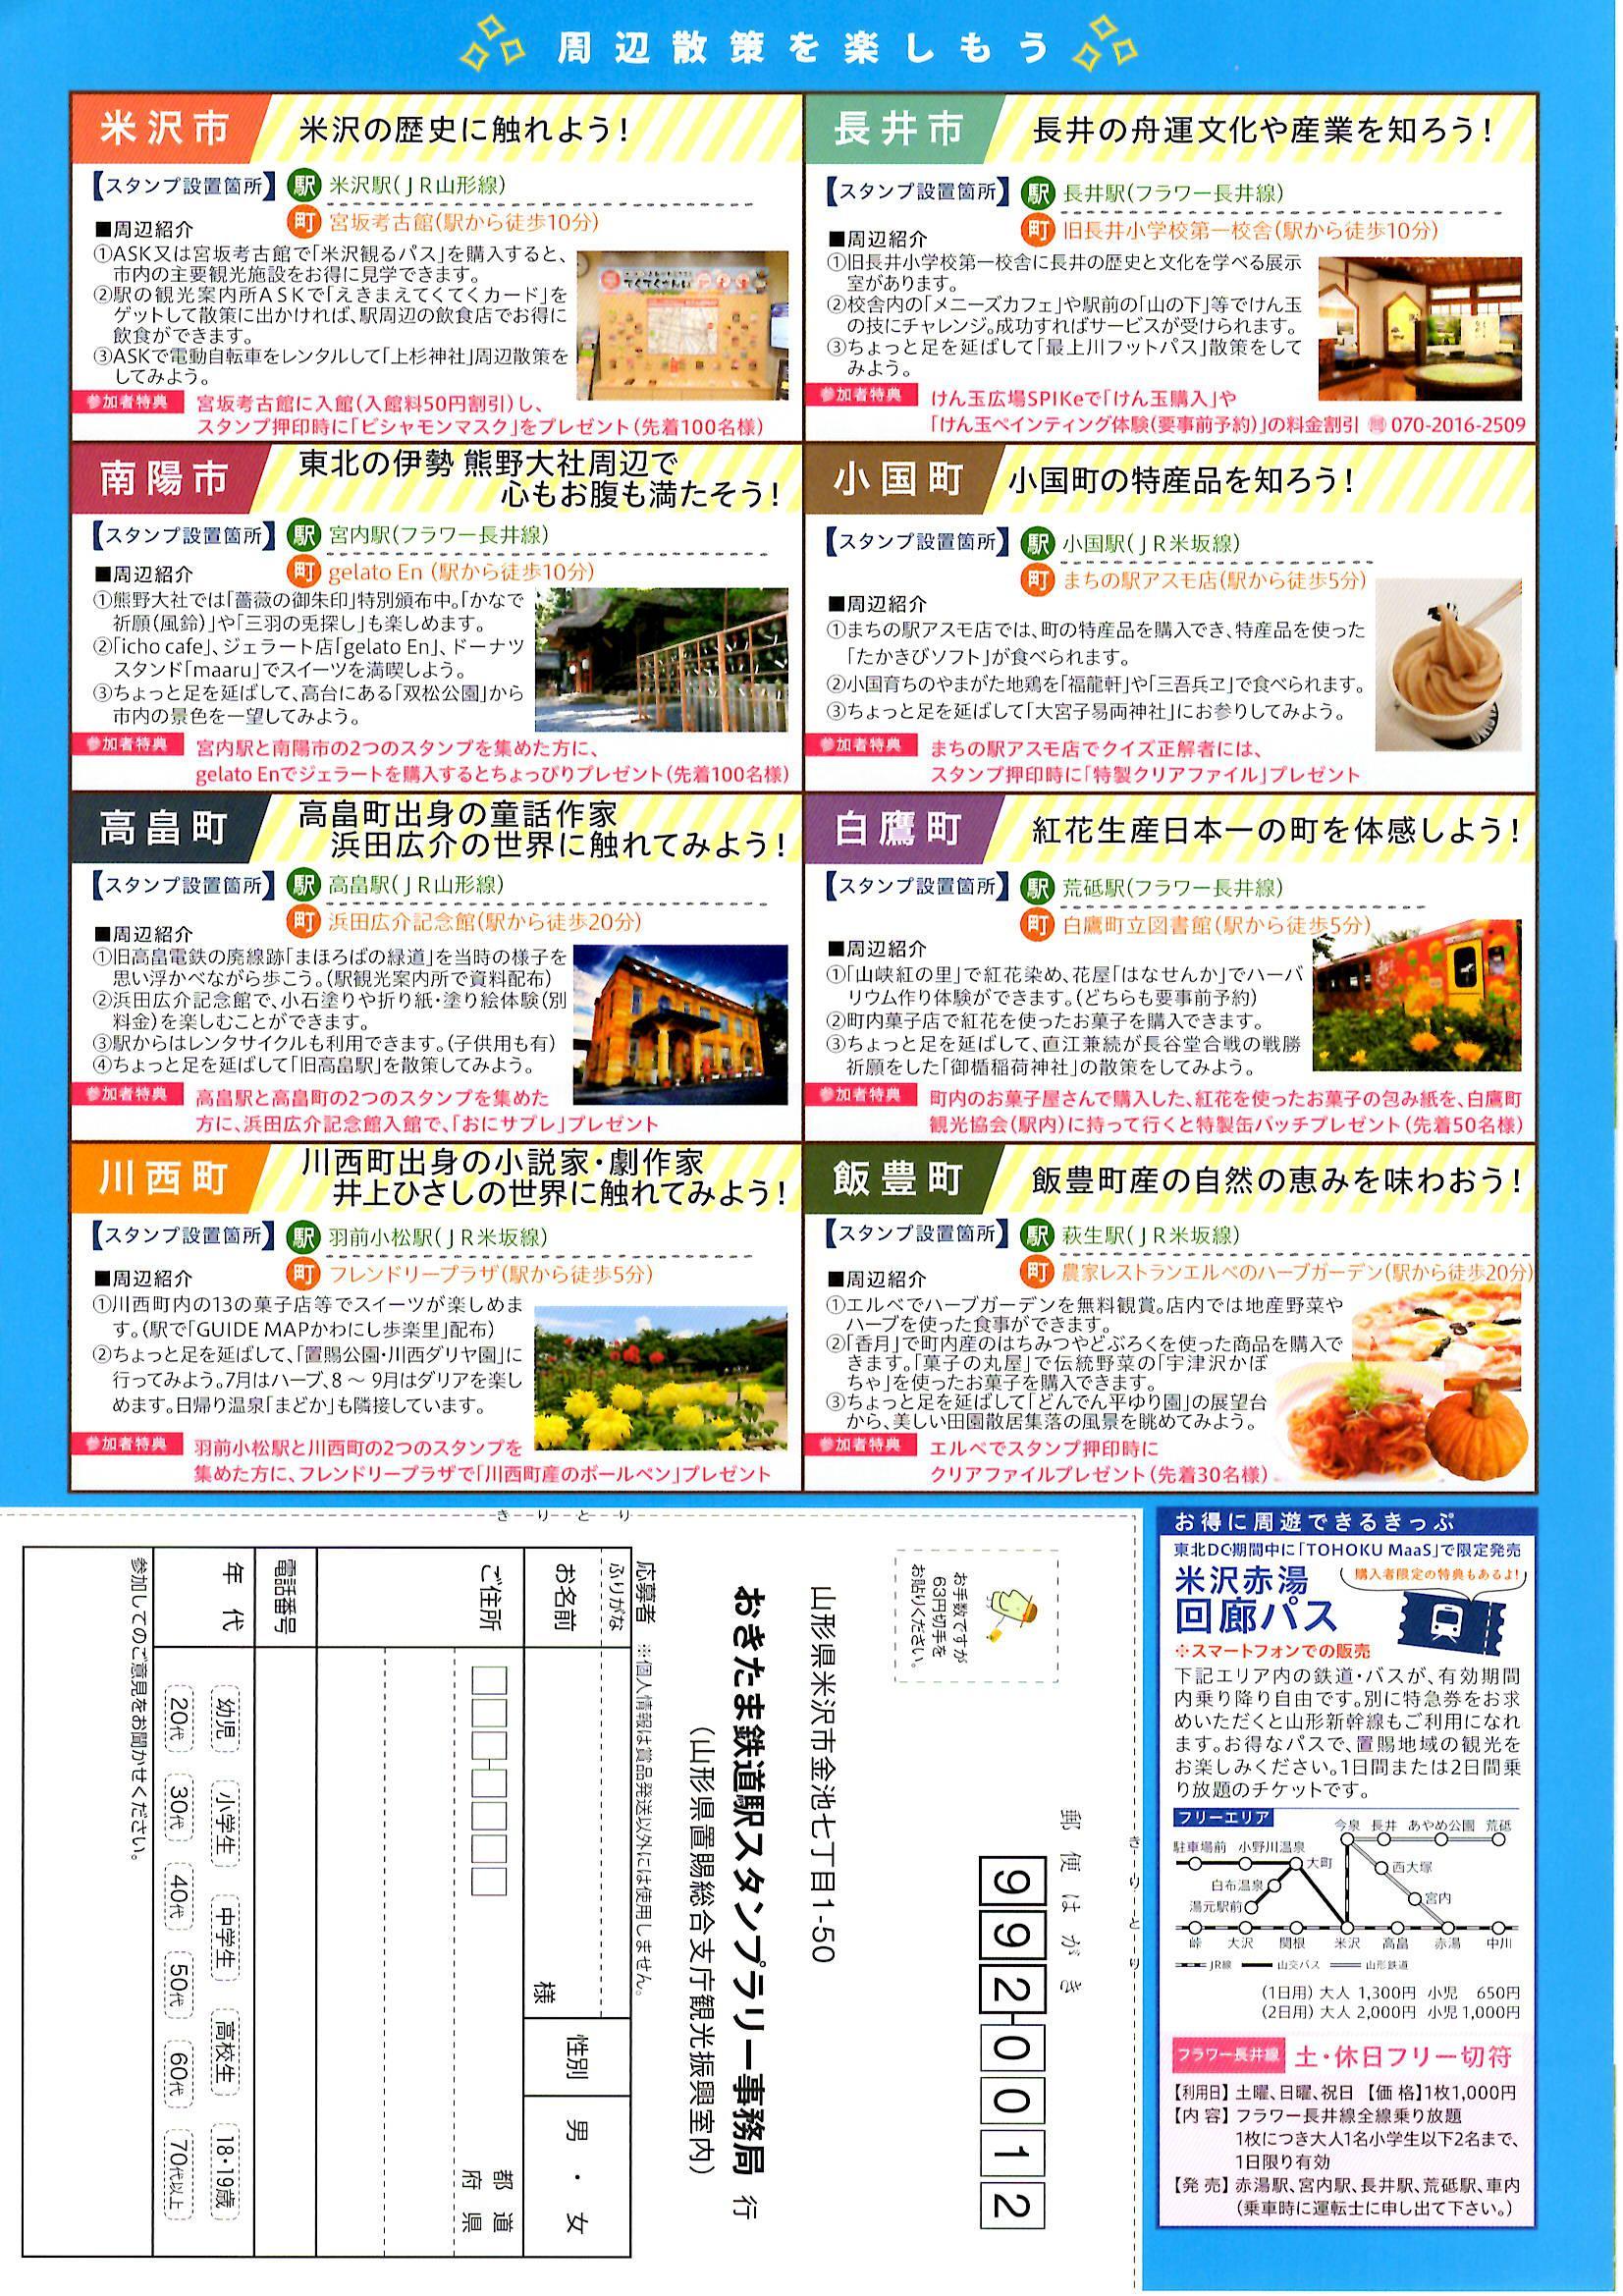 おきたま鉄道駅スタンプラリー 7/17(土)~スタート!